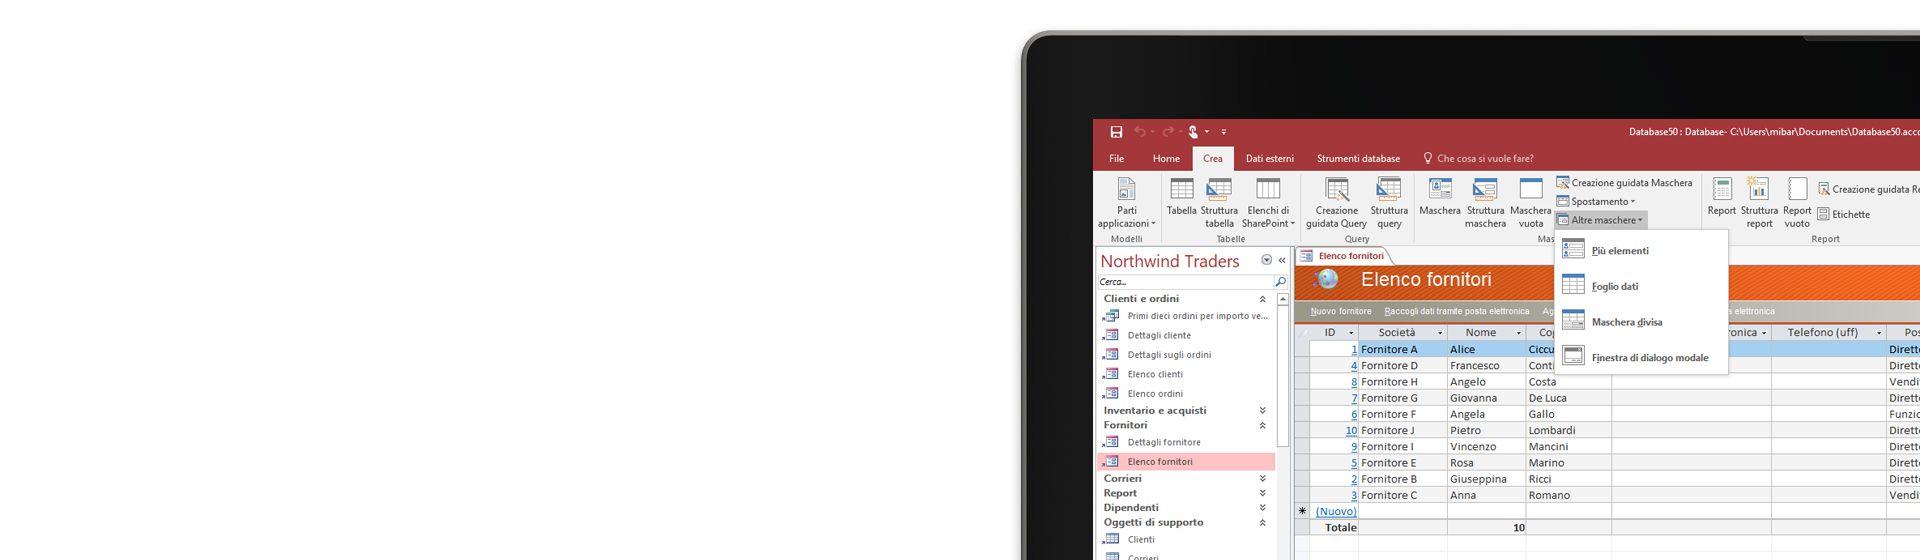 Angolo dello schermo di un computer che visualizza un elenco di fornitori in un database di Microsoft Access.